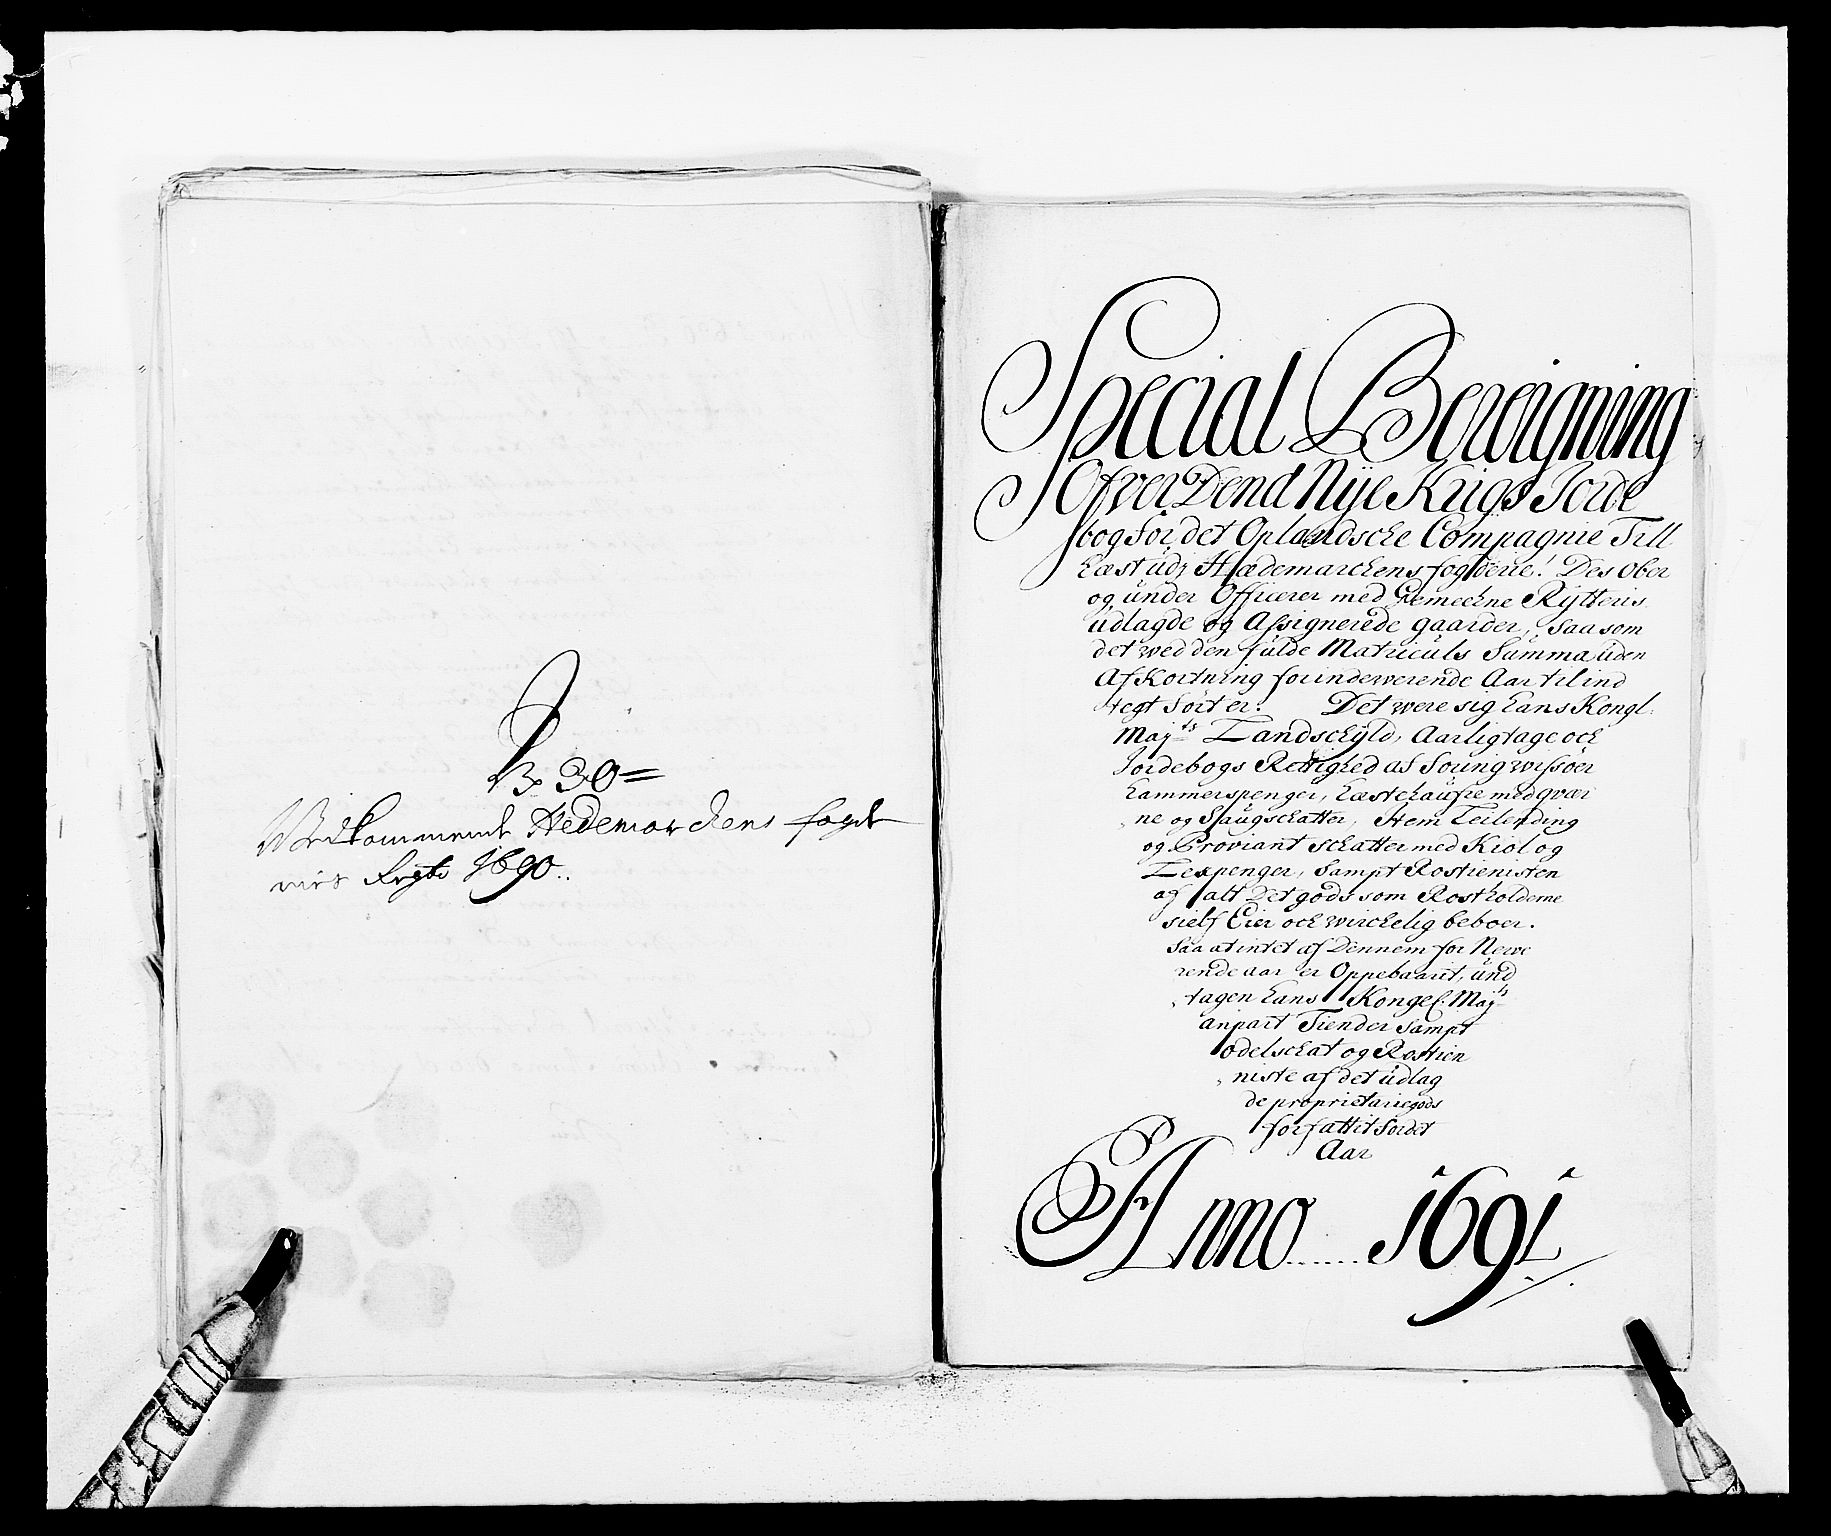 RA, Rentekammeret inntil 1814, Reviderte regnskaper, Fogderegnskap, R16/L1032: Fogderegnskap Hedmark, 1689-1692, s. 1